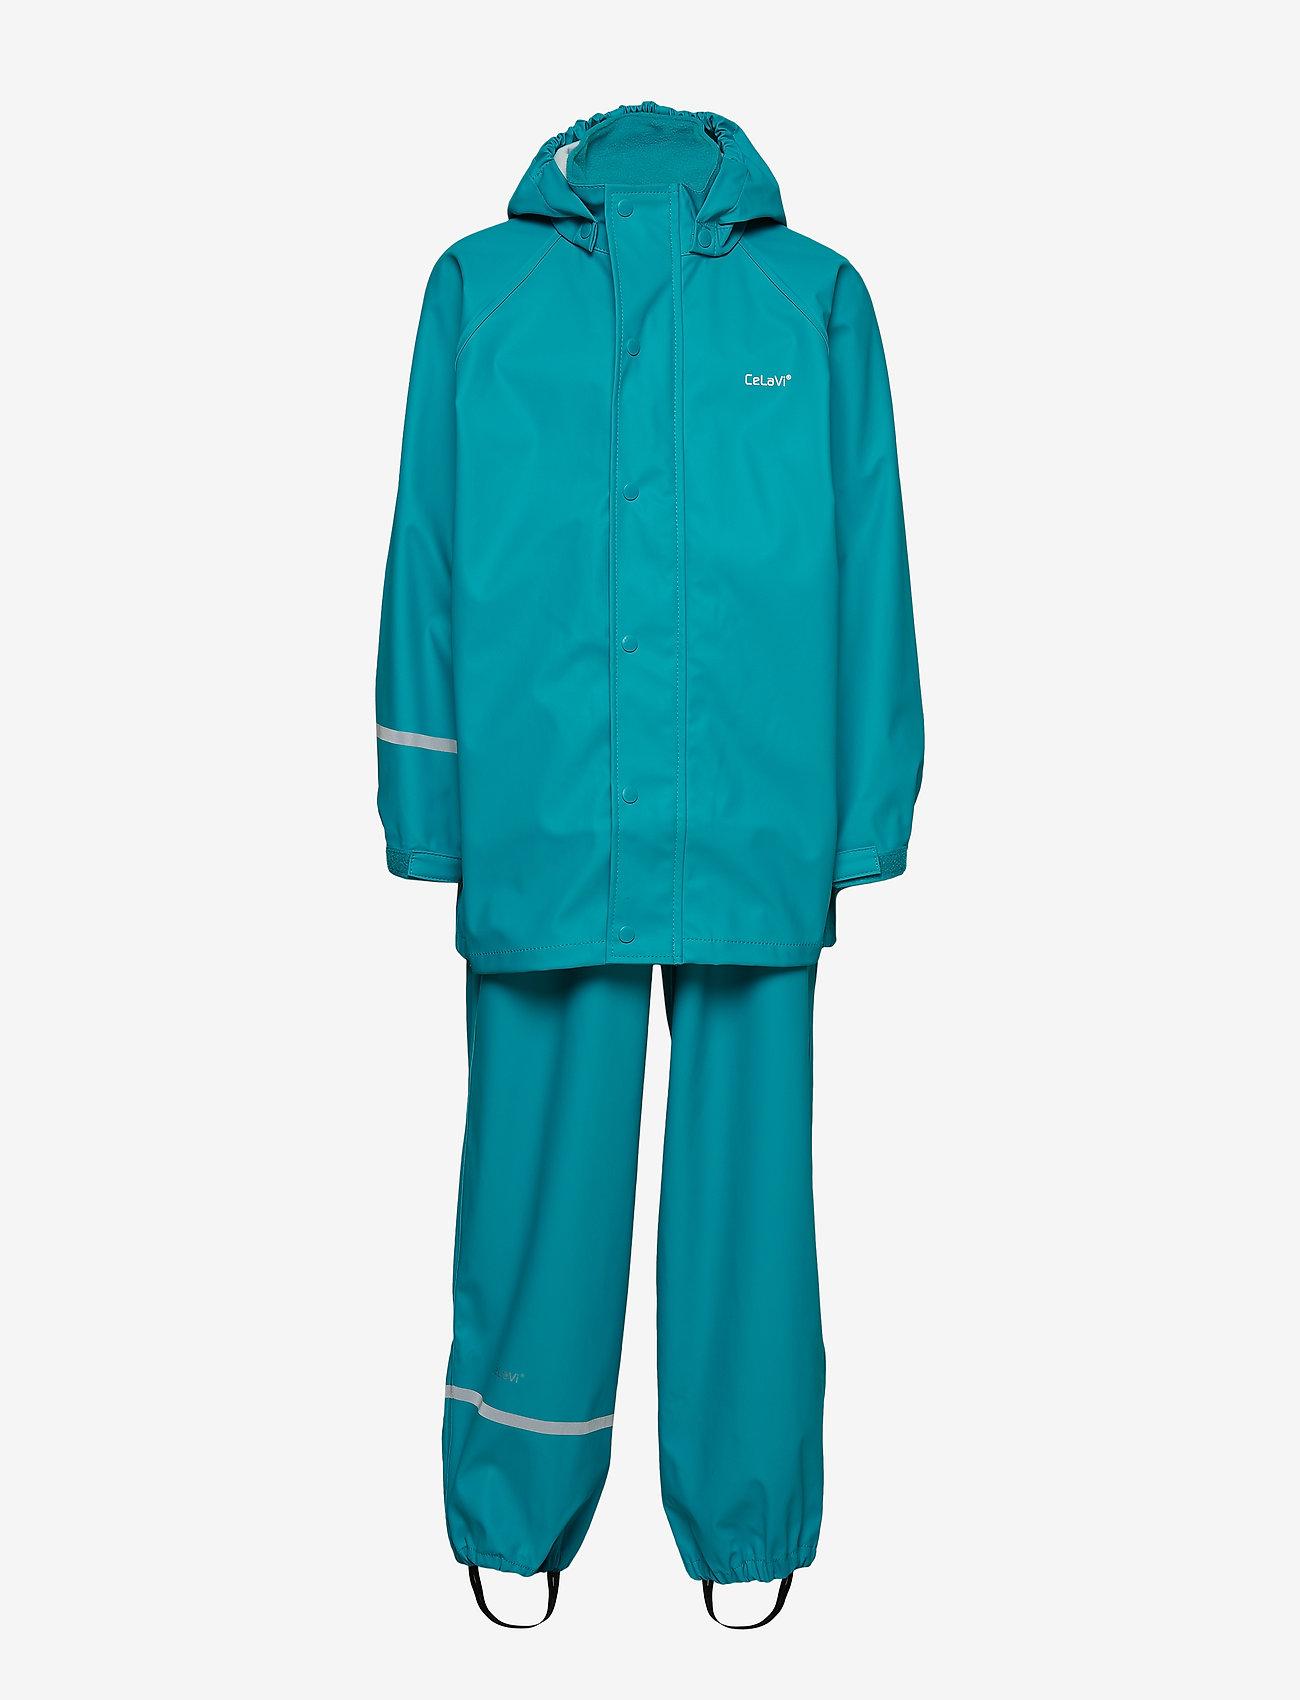 CeLaVi - Basci rainwear set, solid - regenkleidung - turquoise - 1